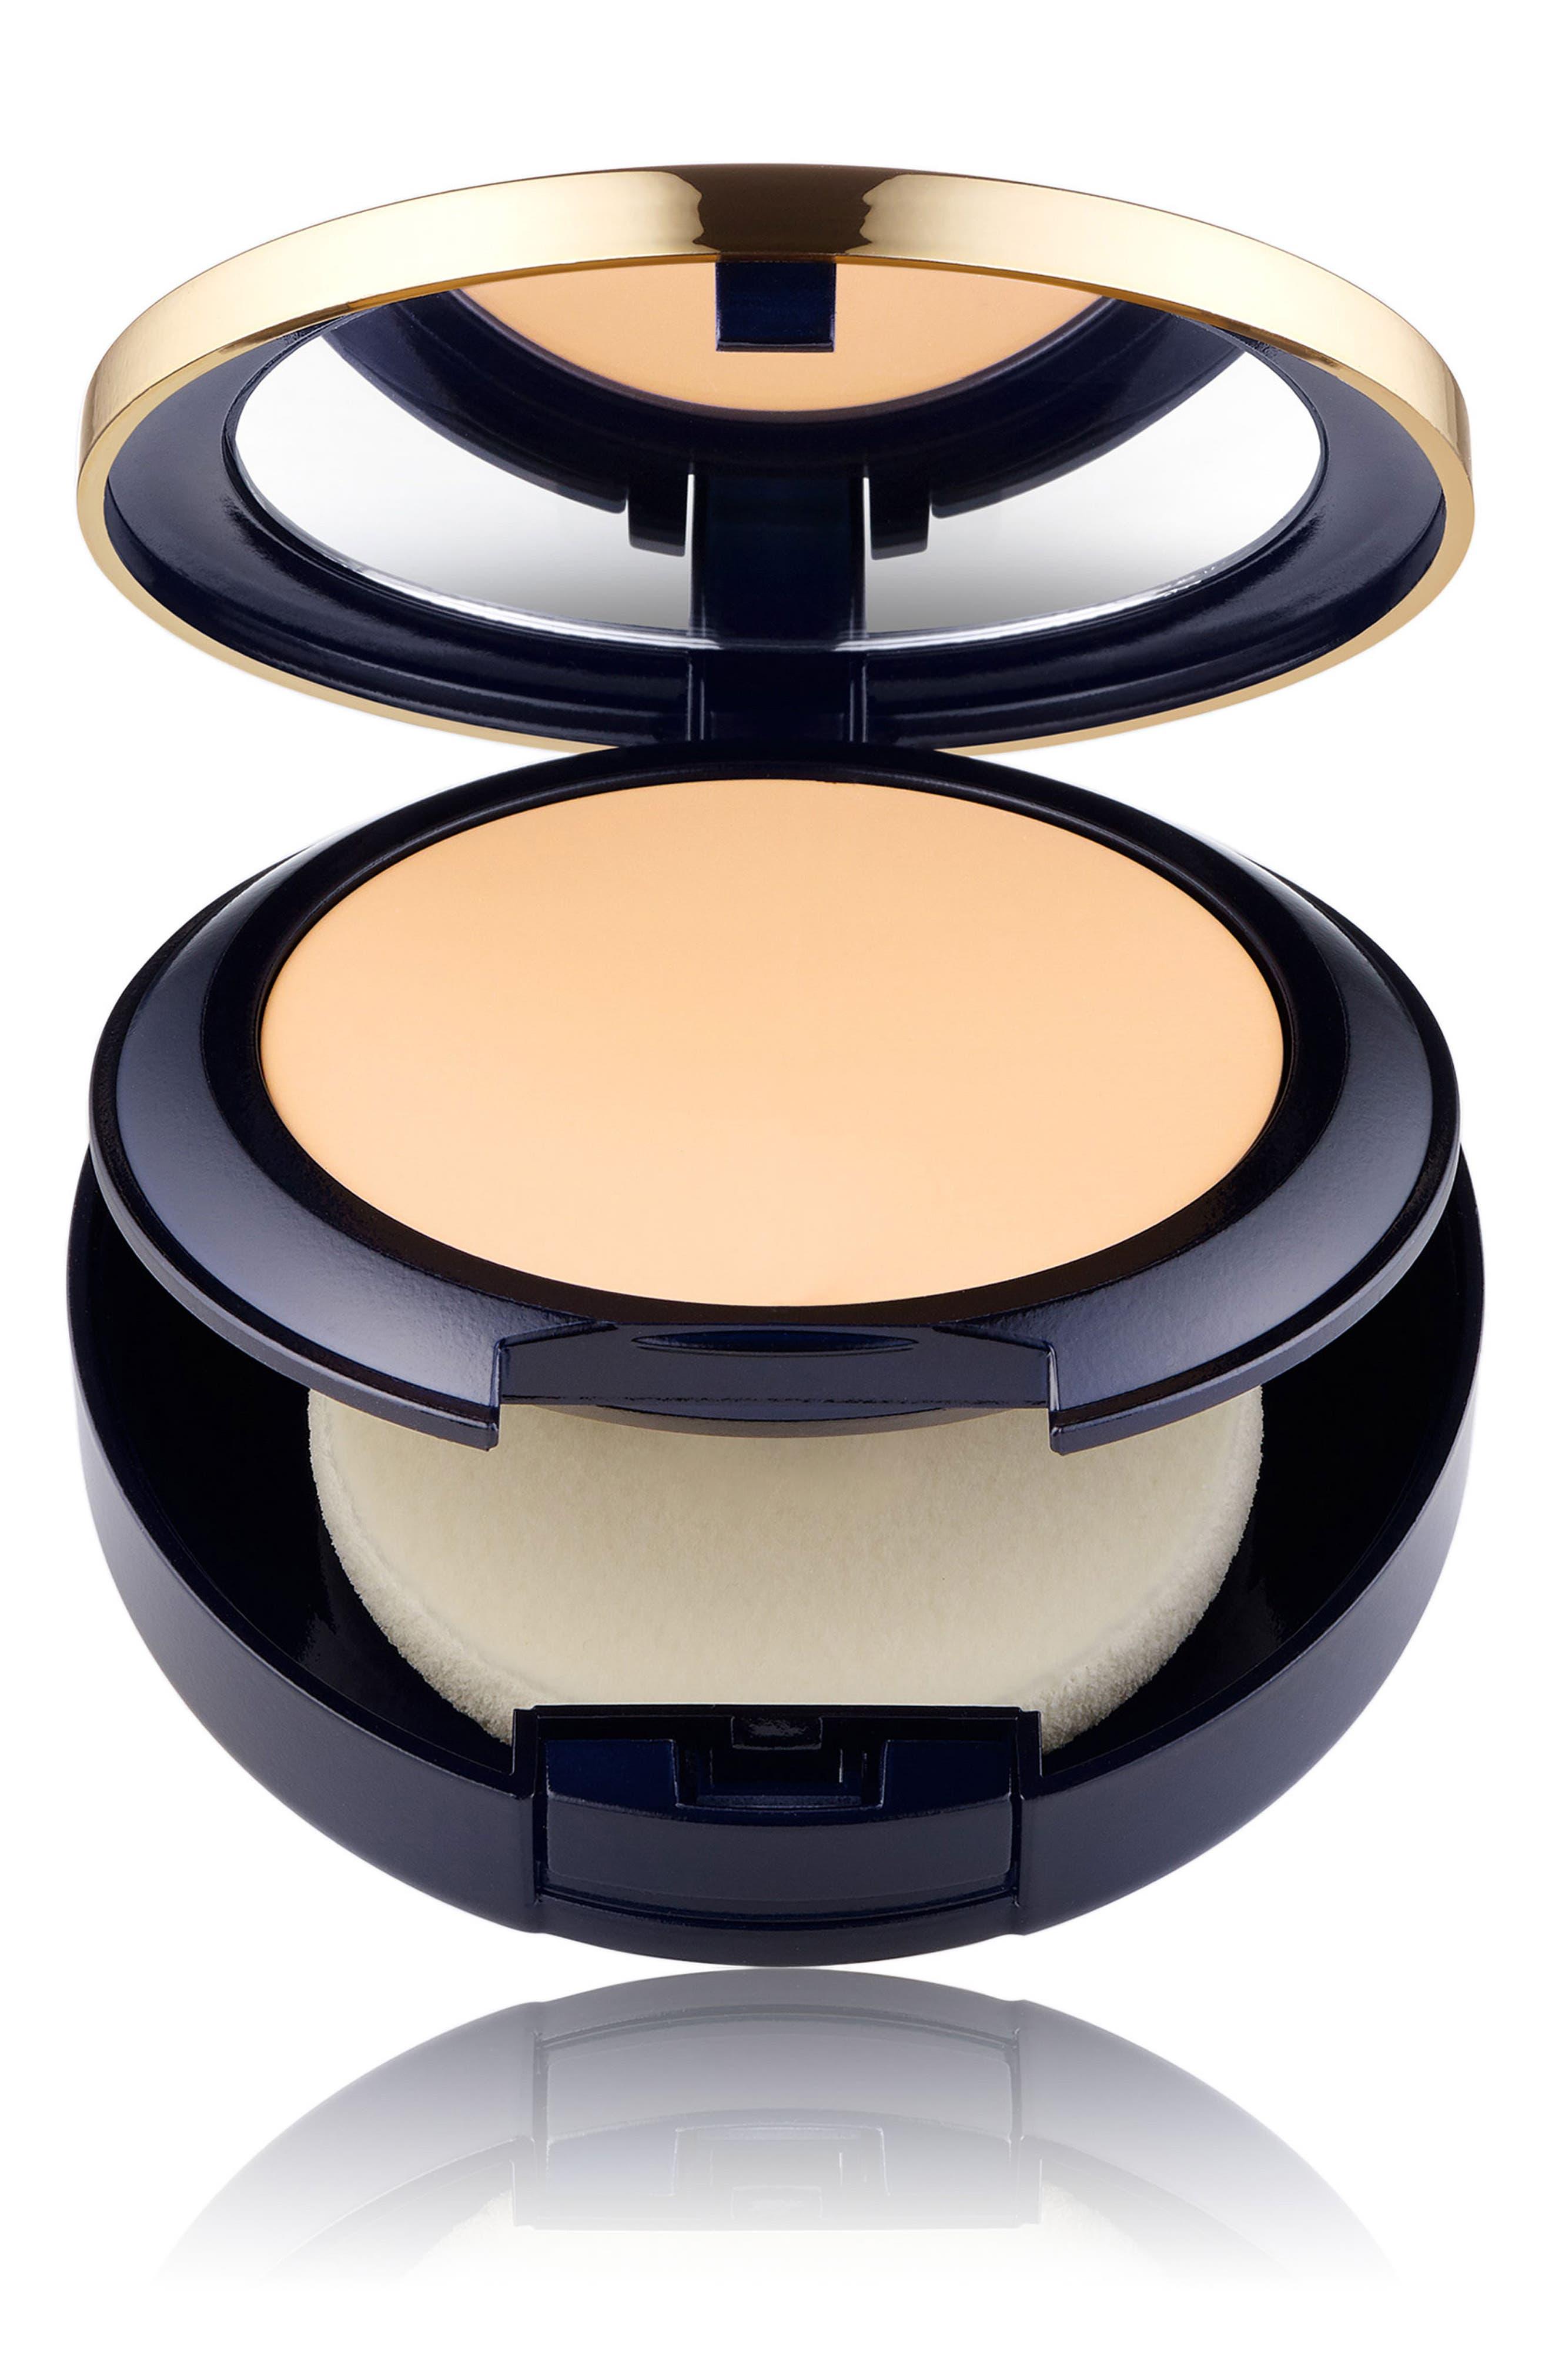 Estee Lauder Double Wear Stay In Place Matte Powder Foundation - 2N2 Buff